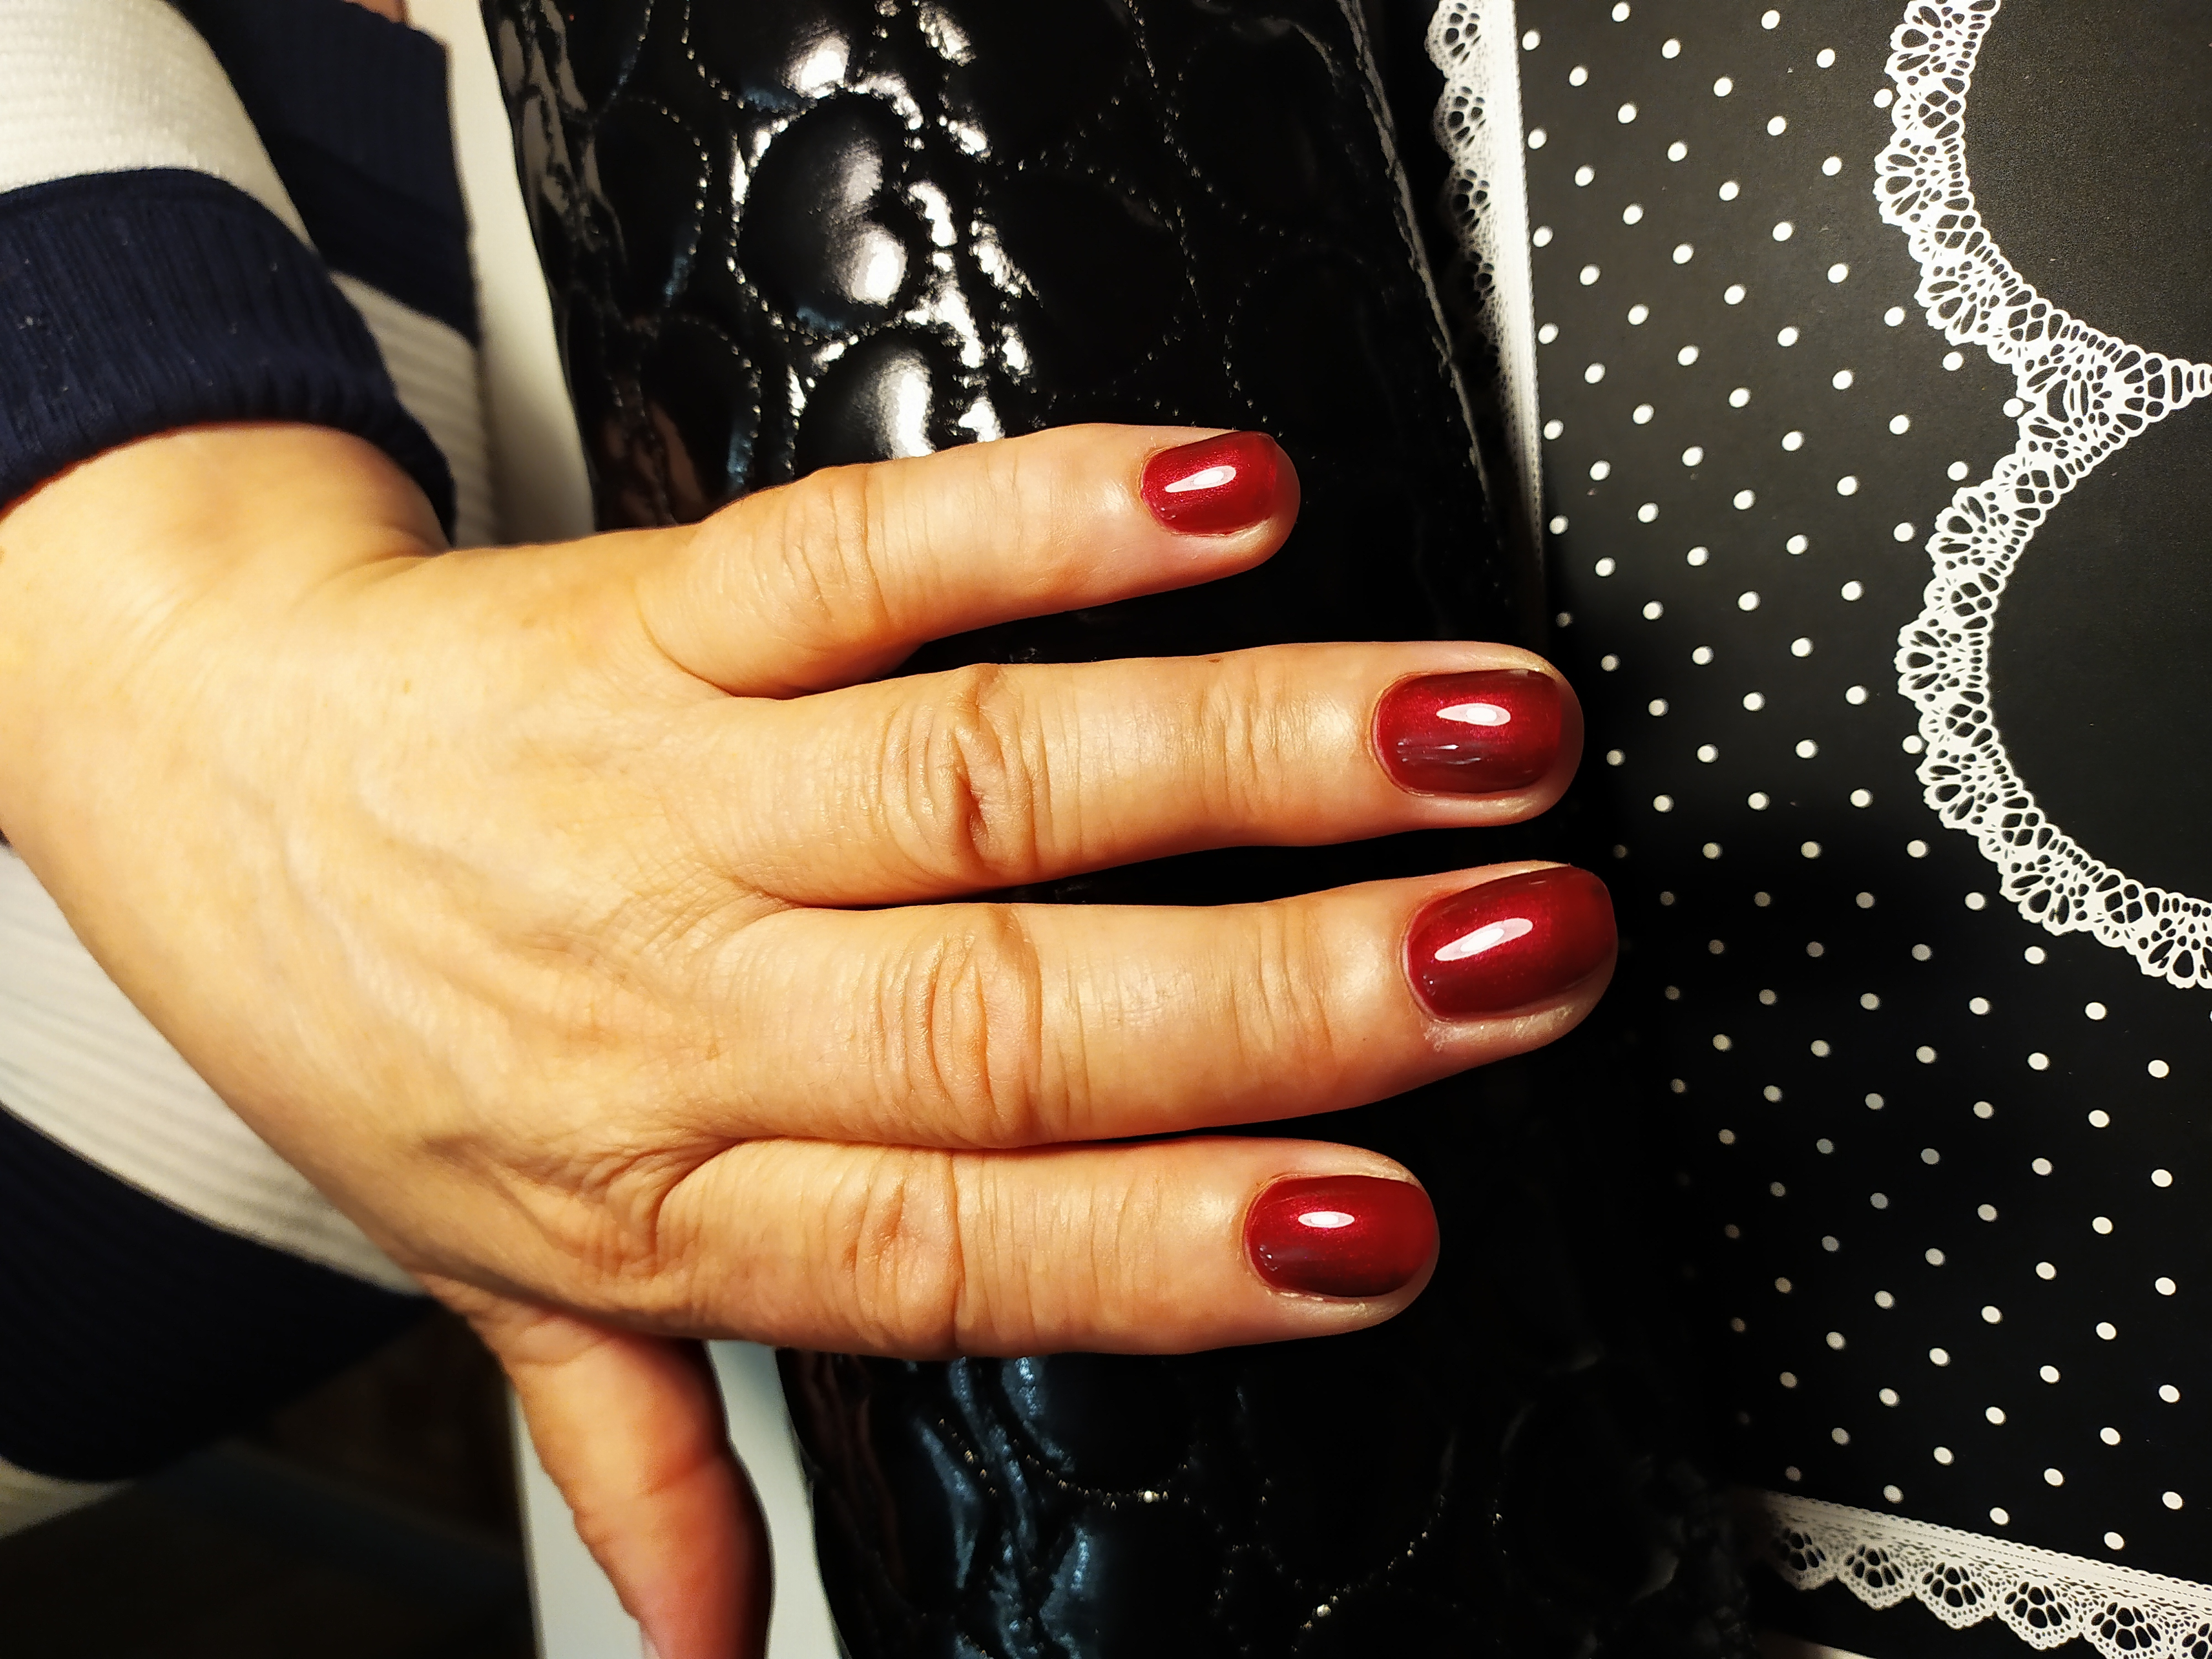 Маникюр в темно-красном цветен а короткие ногти.